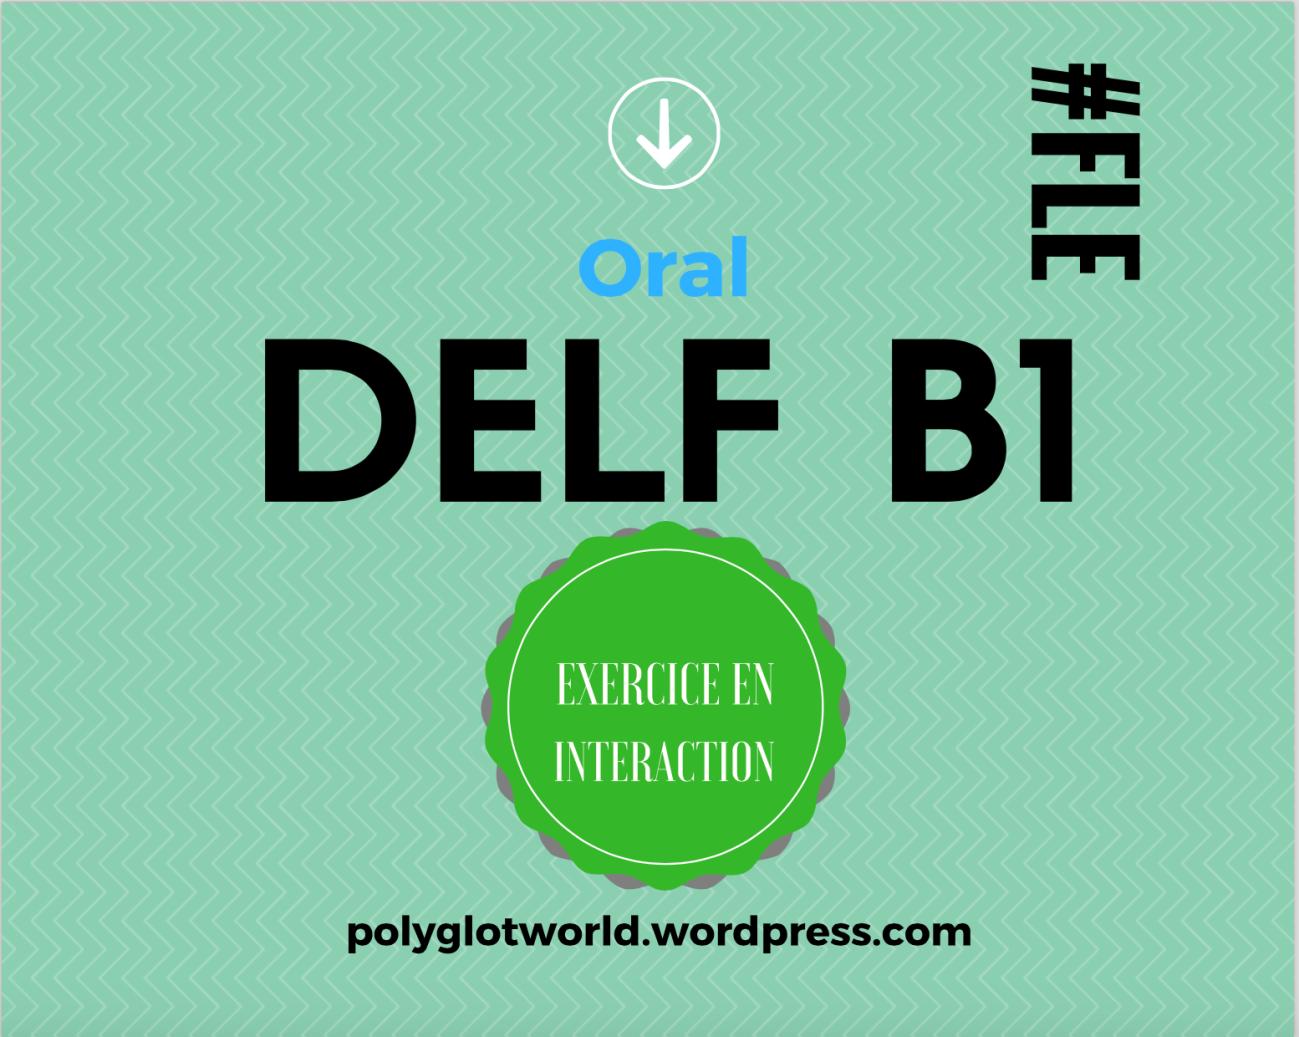 DELF B1 ORAL EXERCICE EN INTERACTION POLYGLOTCOACH FLE FRANÇAIS.png